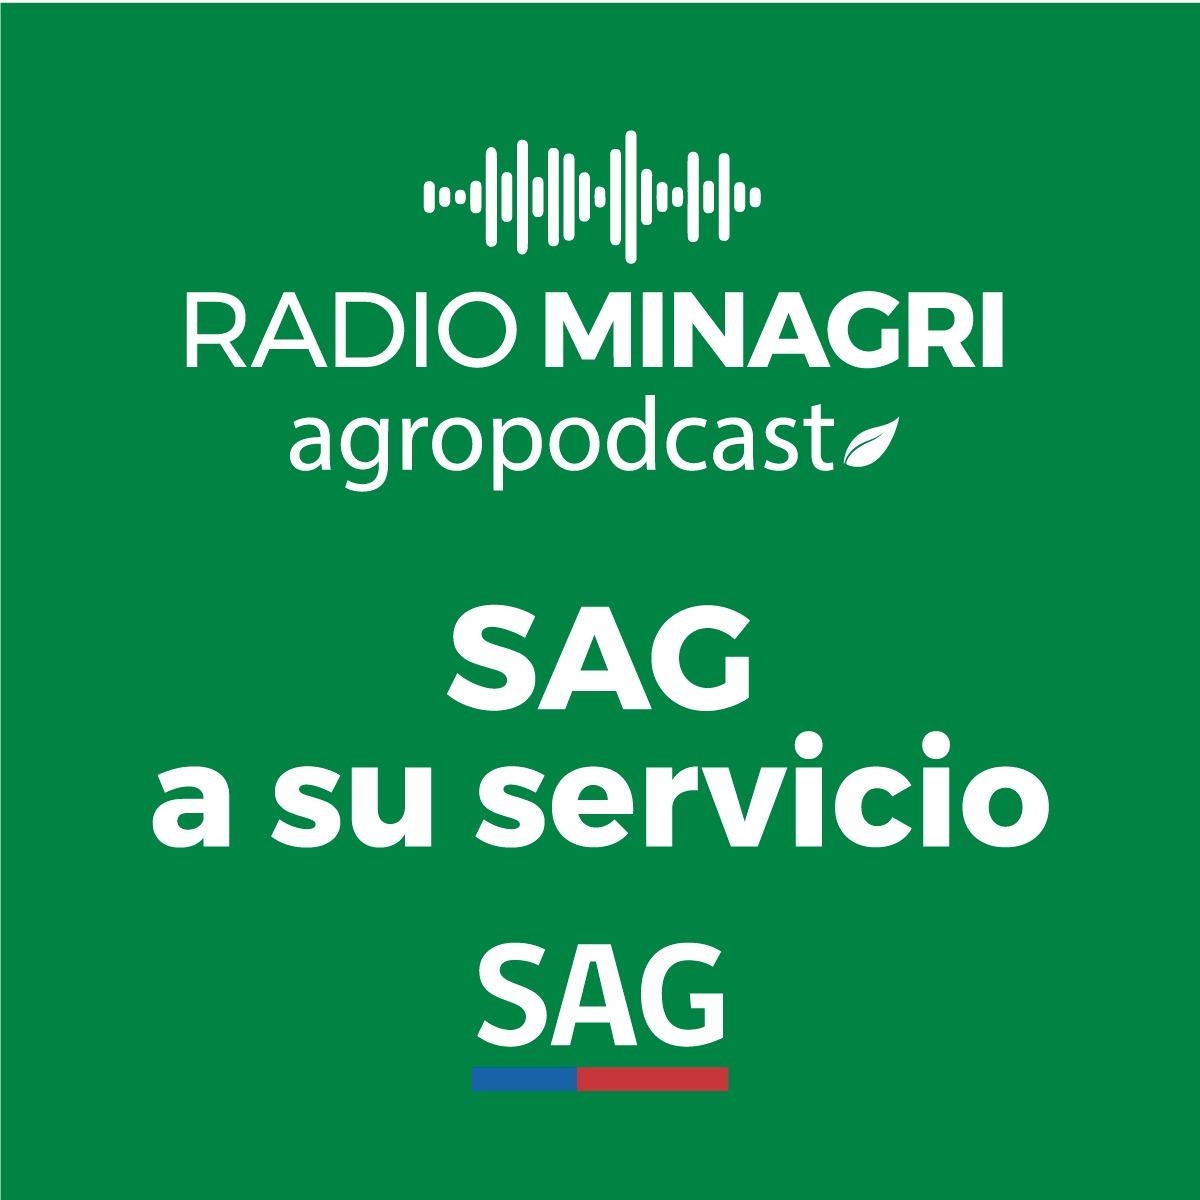 SAG a su servicio – Episodio 1: Protección del Patrimonio Fito y Zoo Sanitario de Chile